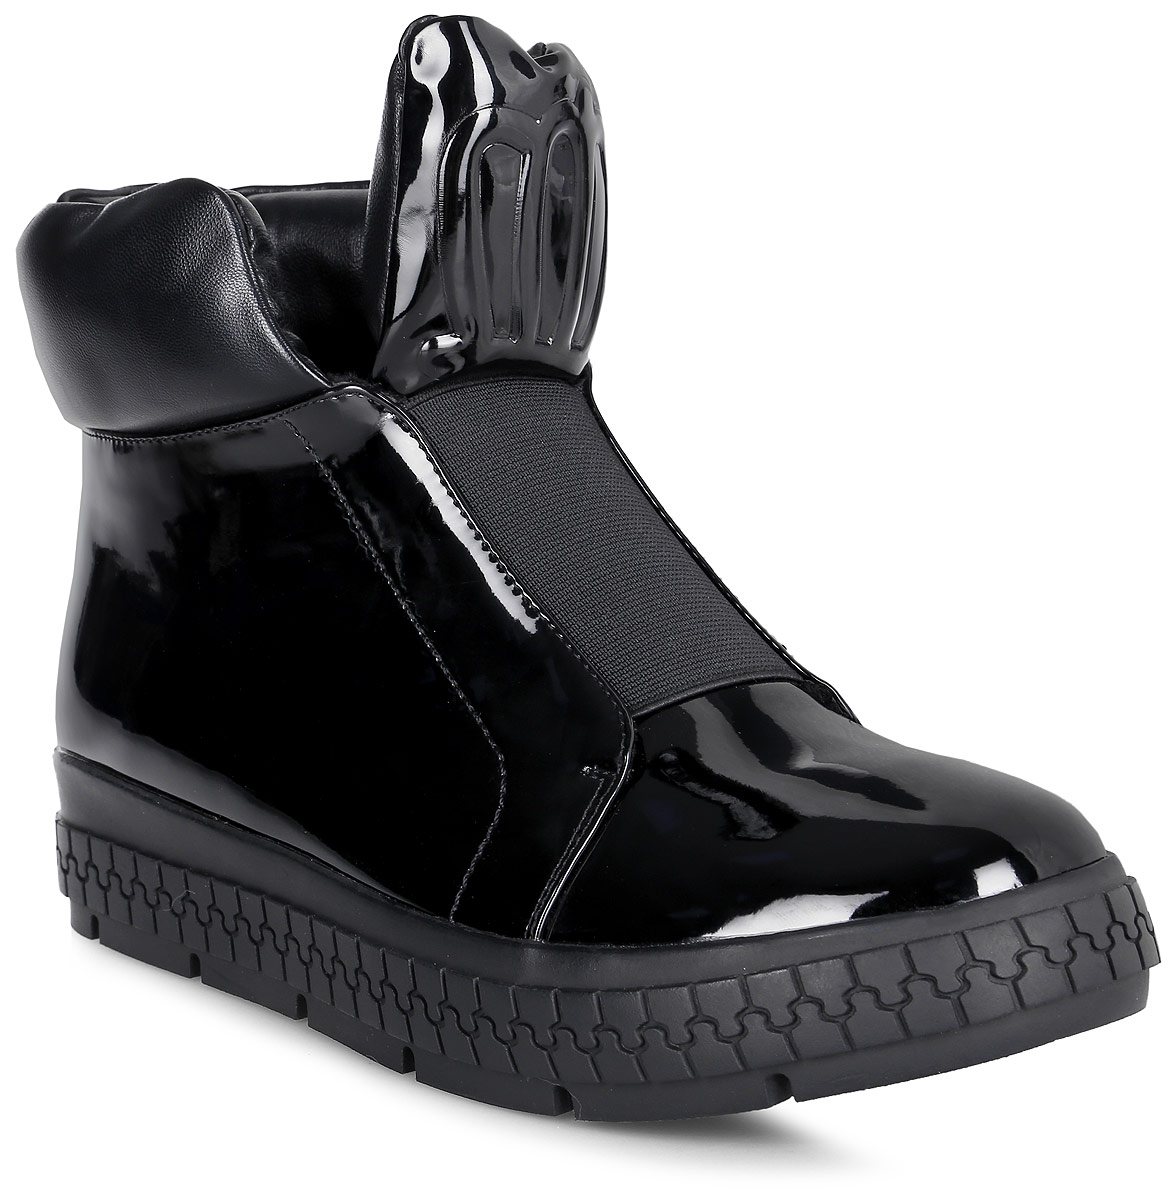 Ботинки женские Vitacci, цвет: черный. 83455. Размер 3983455Удобные женские ботинки от Vitacci изготовлены из качественной искусственной кожи. Практичная стелька из ворсина обеспечит комфорт при носке. Высокая подошва дополнена рифлением.